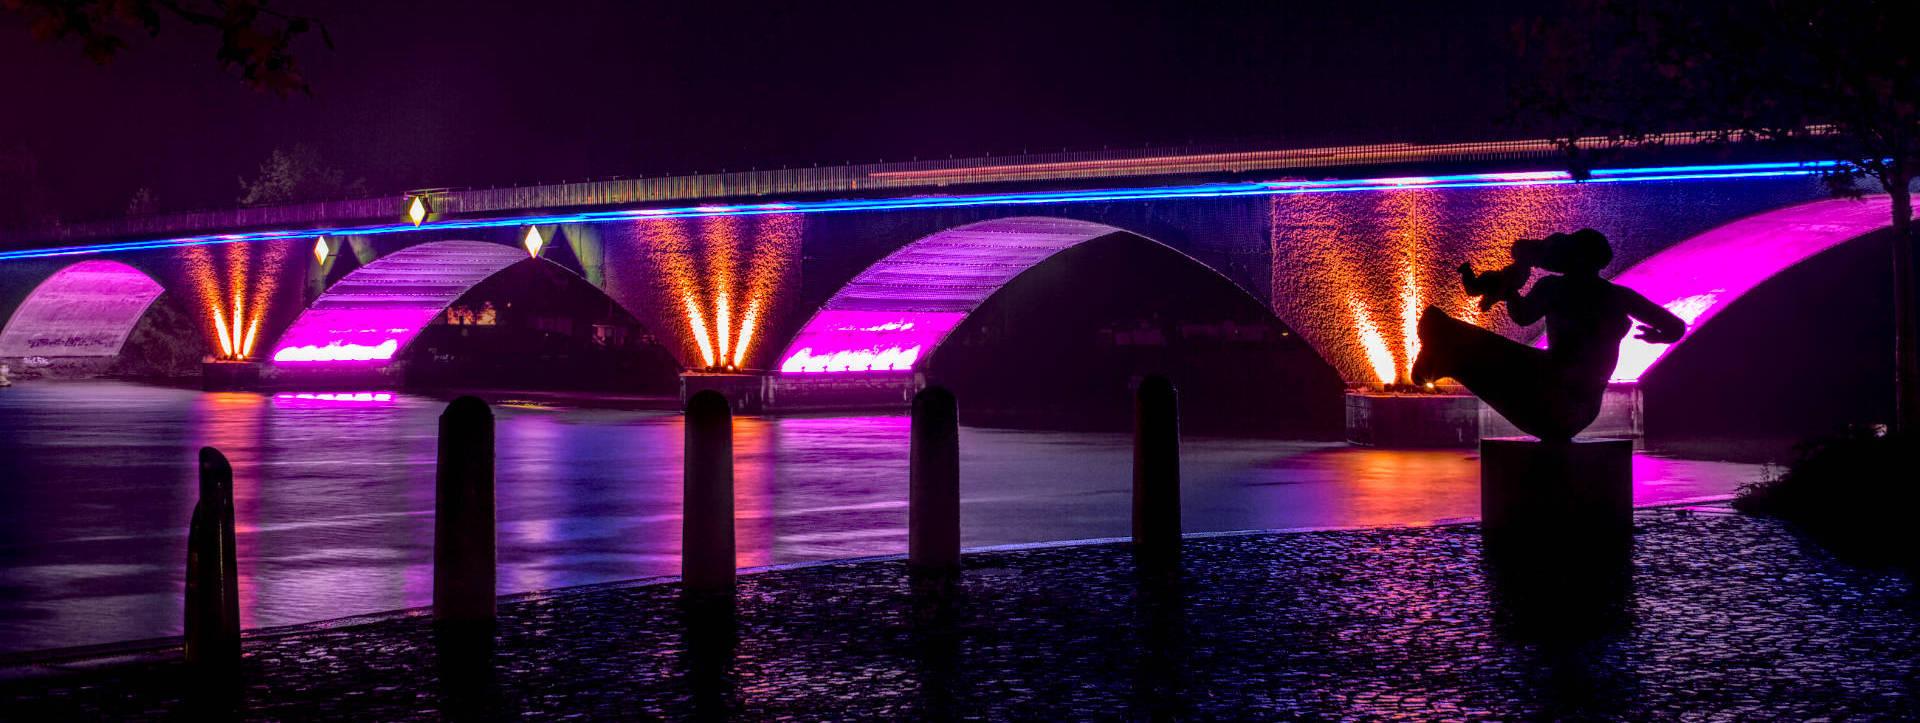 technische Lichtprobe der Stadtbrücke Schwedt/Oder